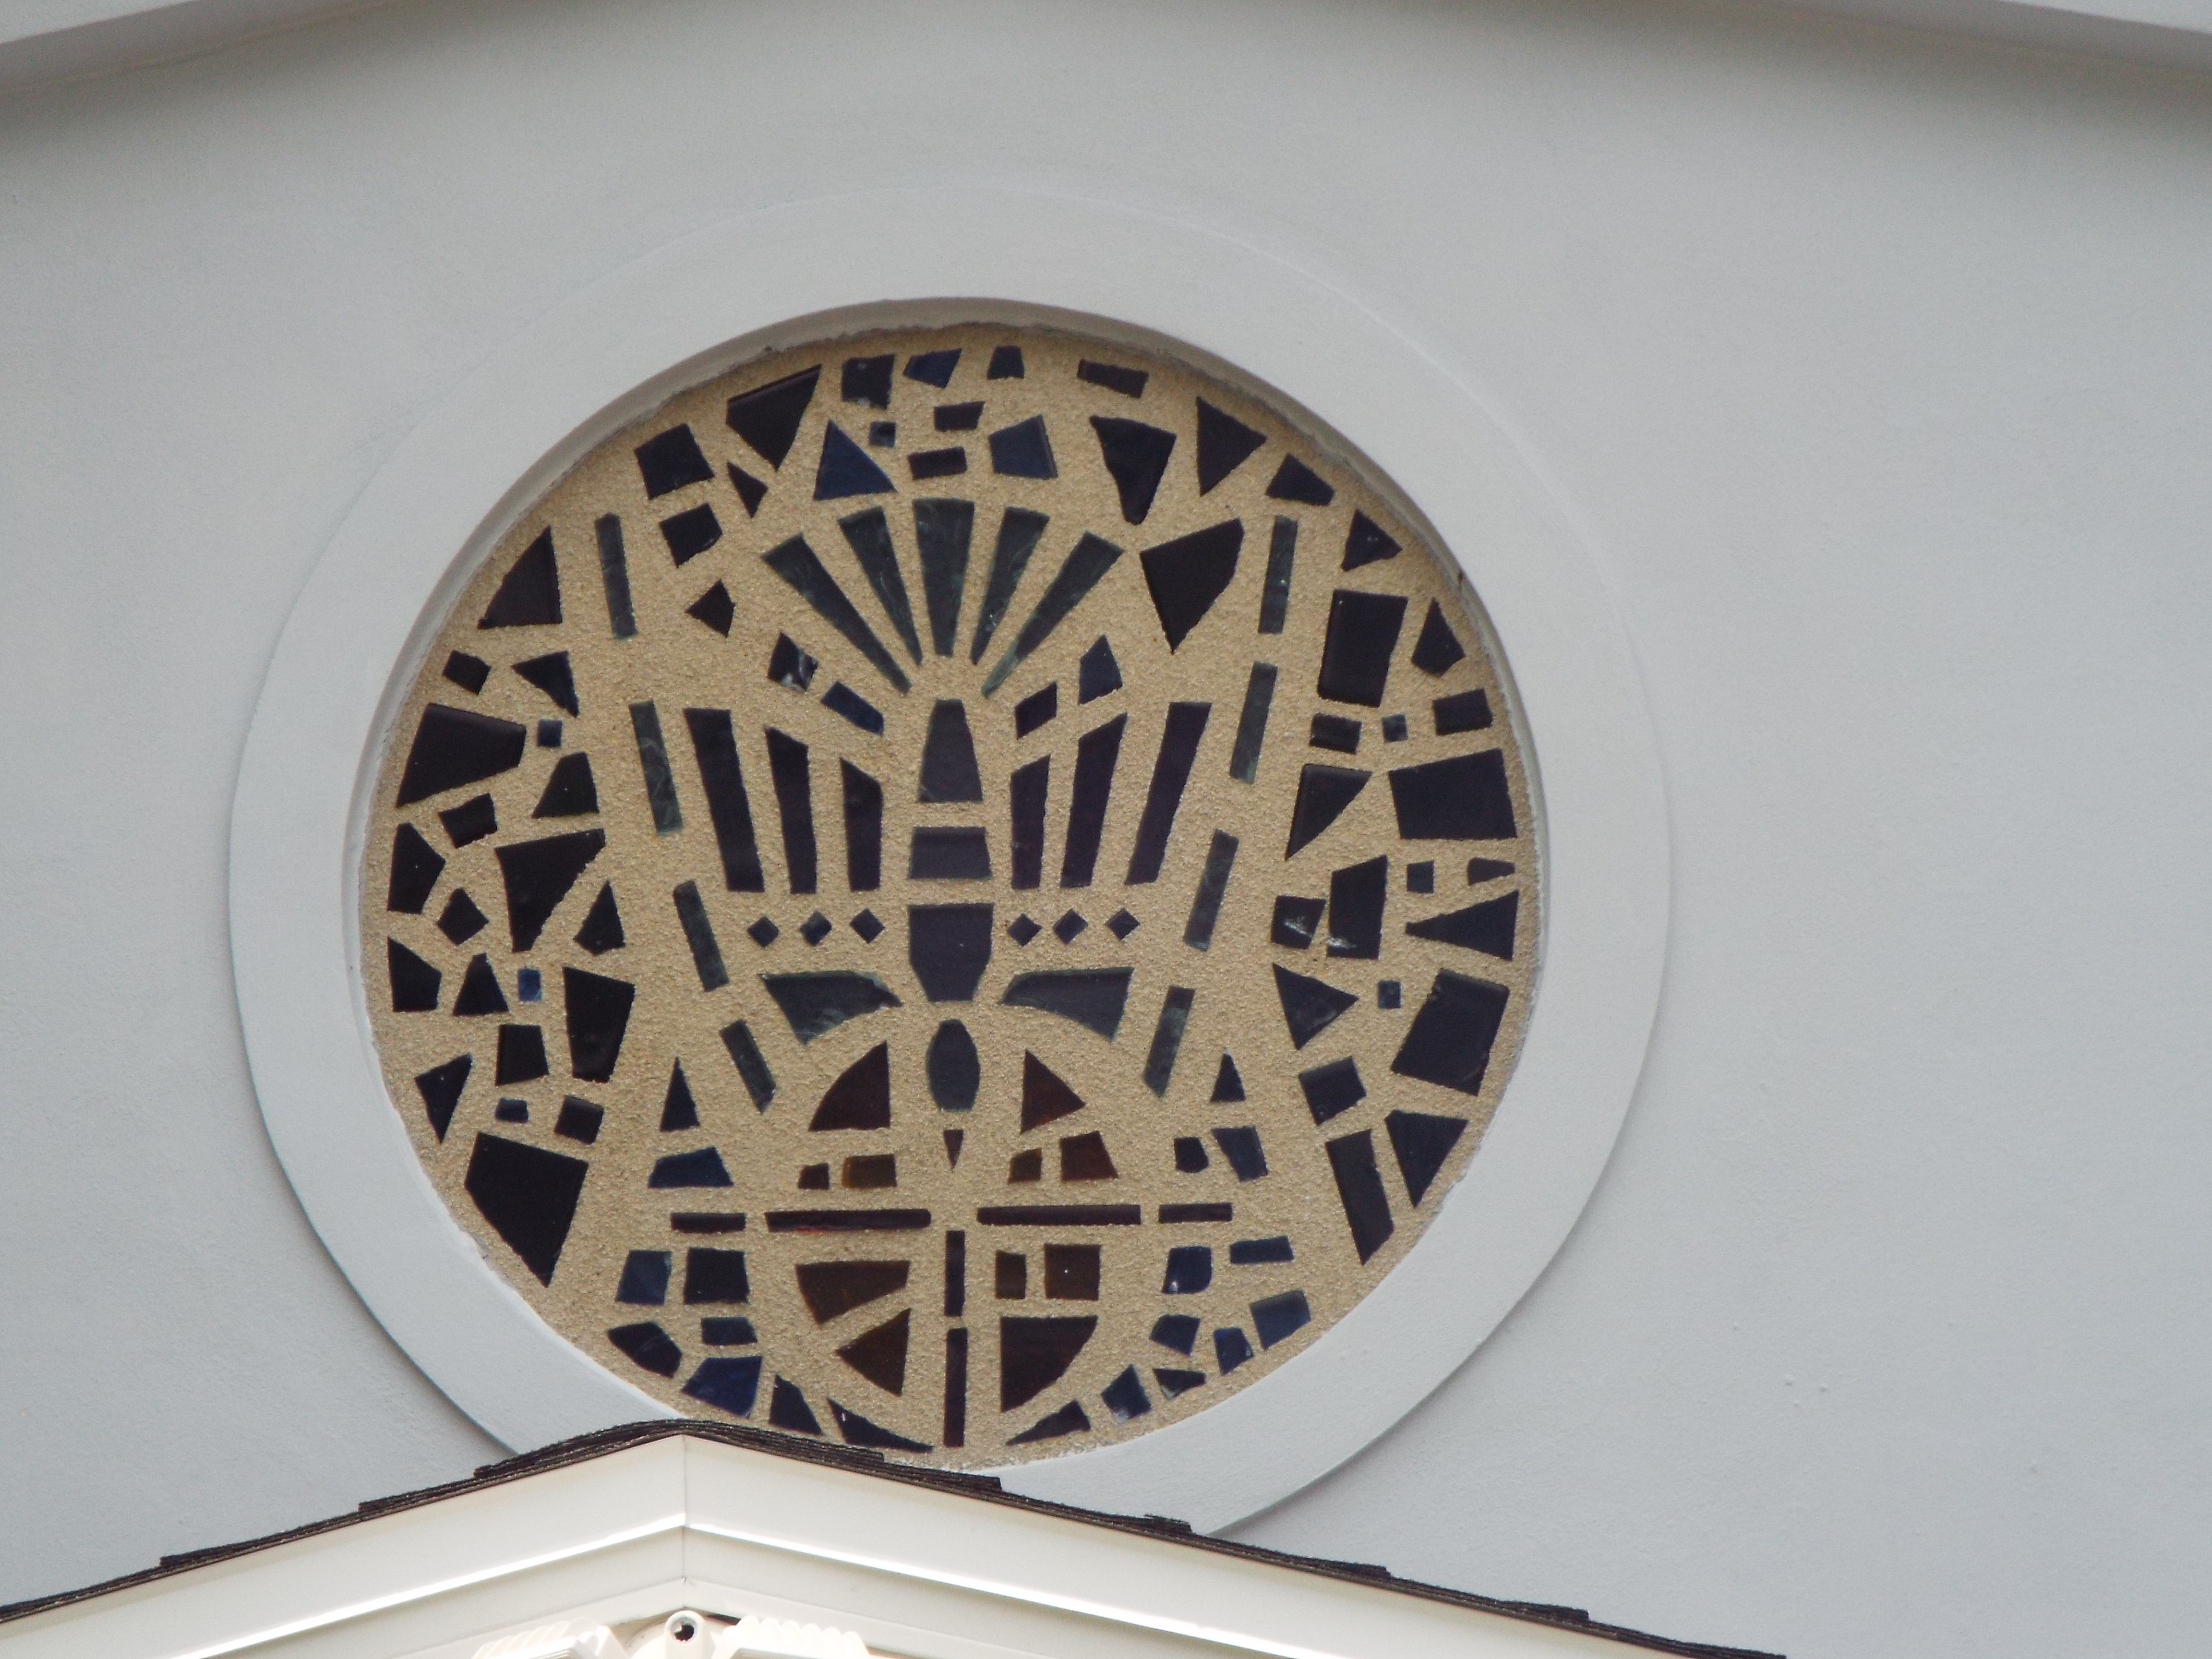 circlesymbol